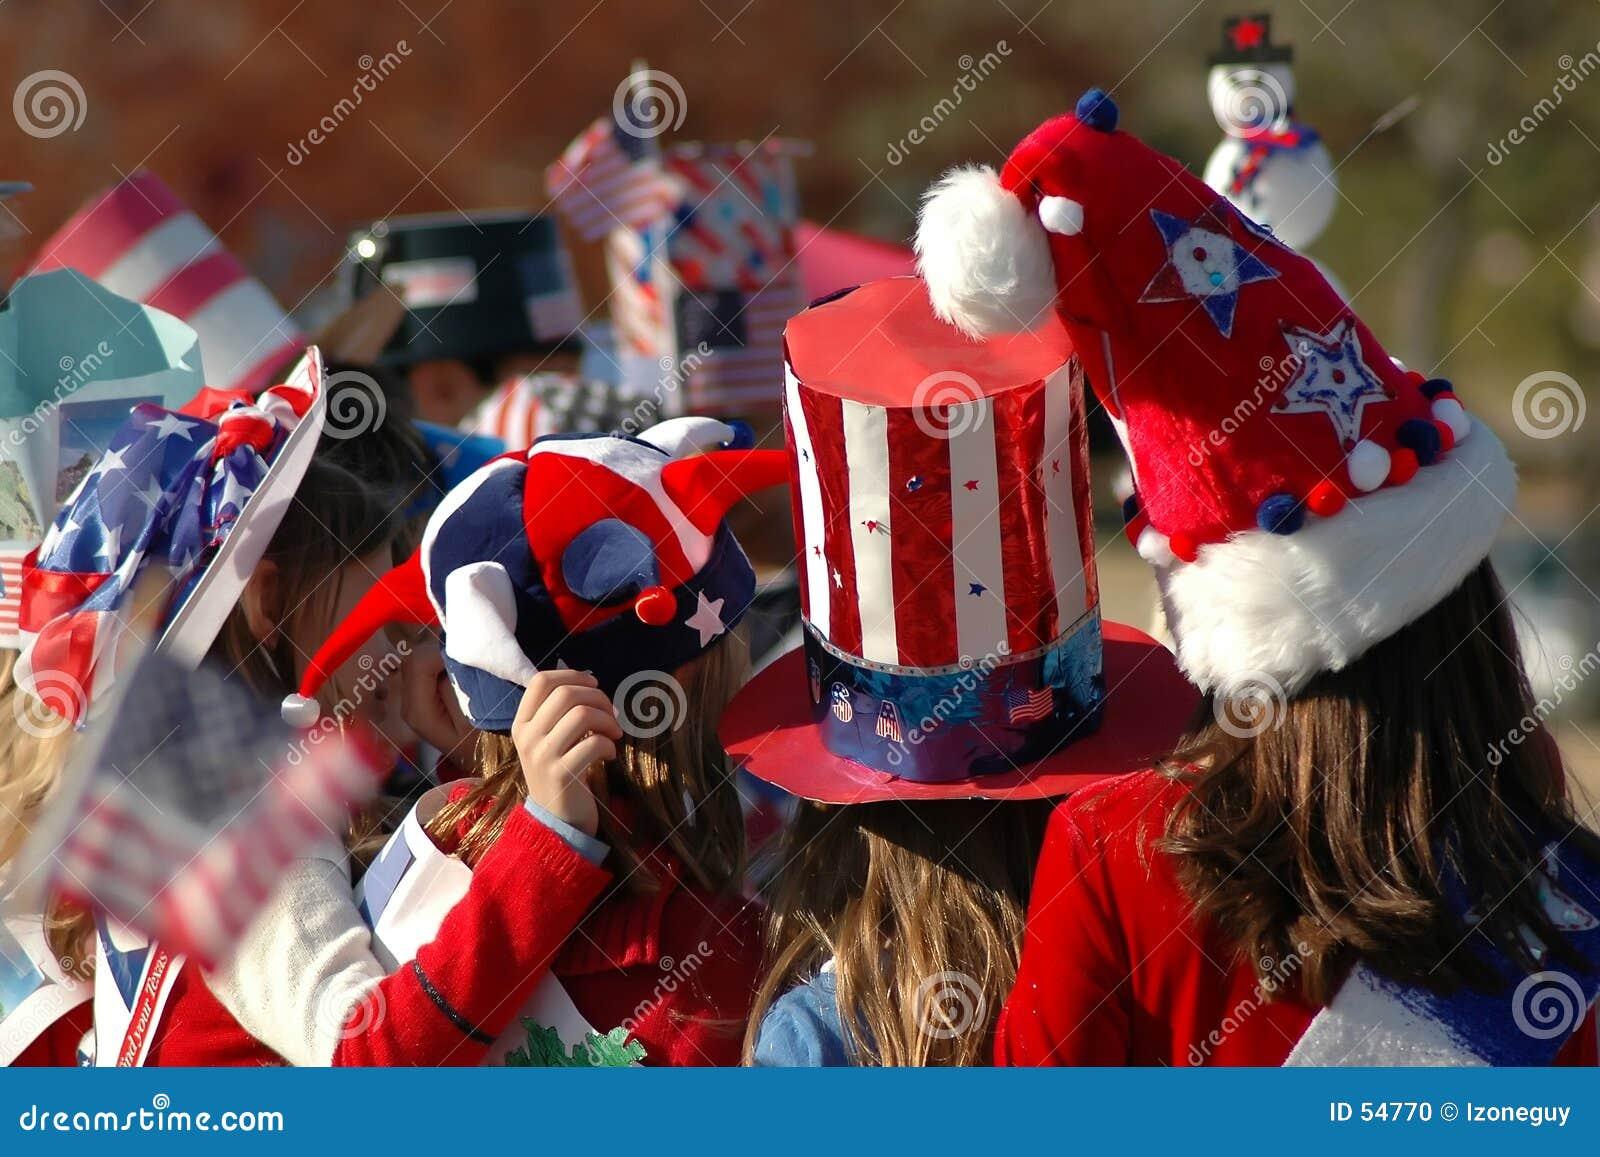 Chapéus vermelhos, brancos e azuis